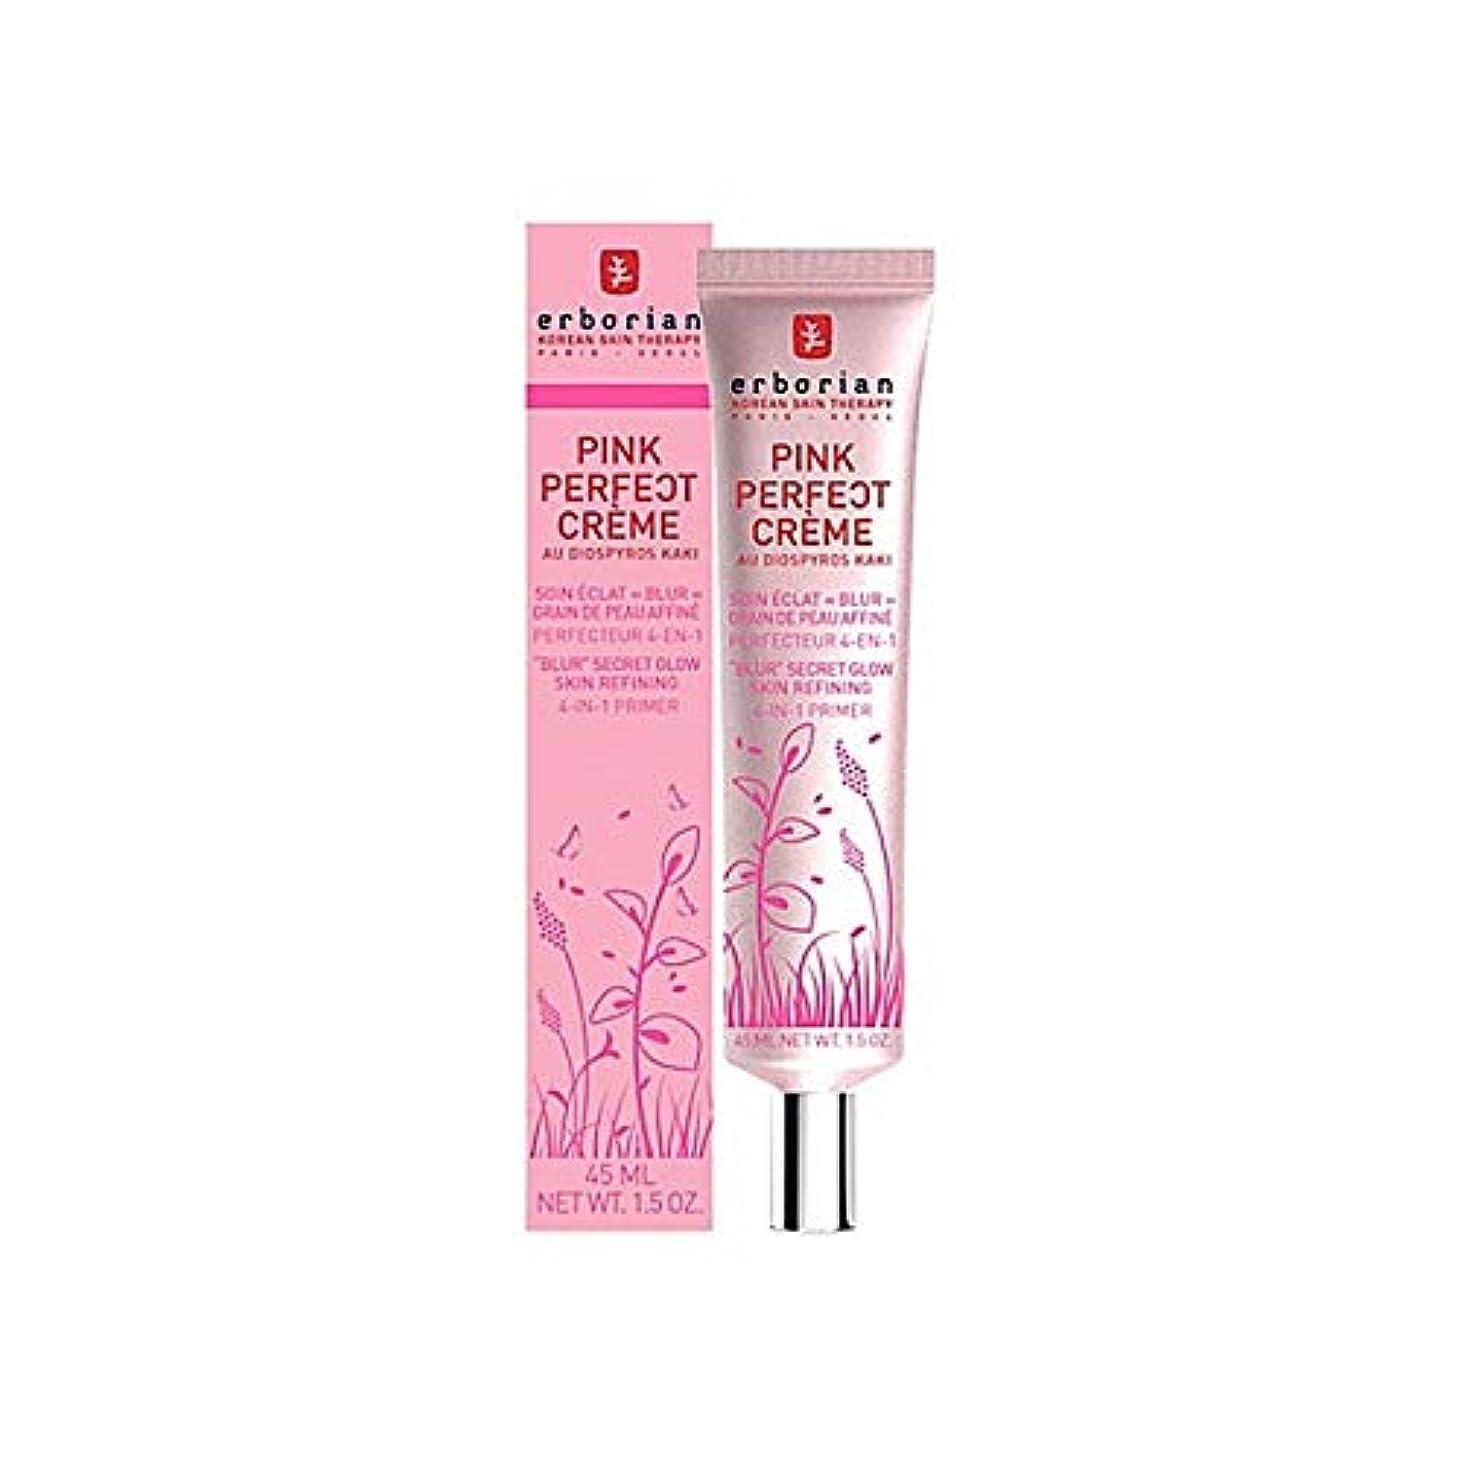 キネマティクスグローチェリー[Erborian] Erborianピンクの完璧なクリーム15ミリリットル - Erborian Pink Perfect Creme 15ml [並行輸入品]